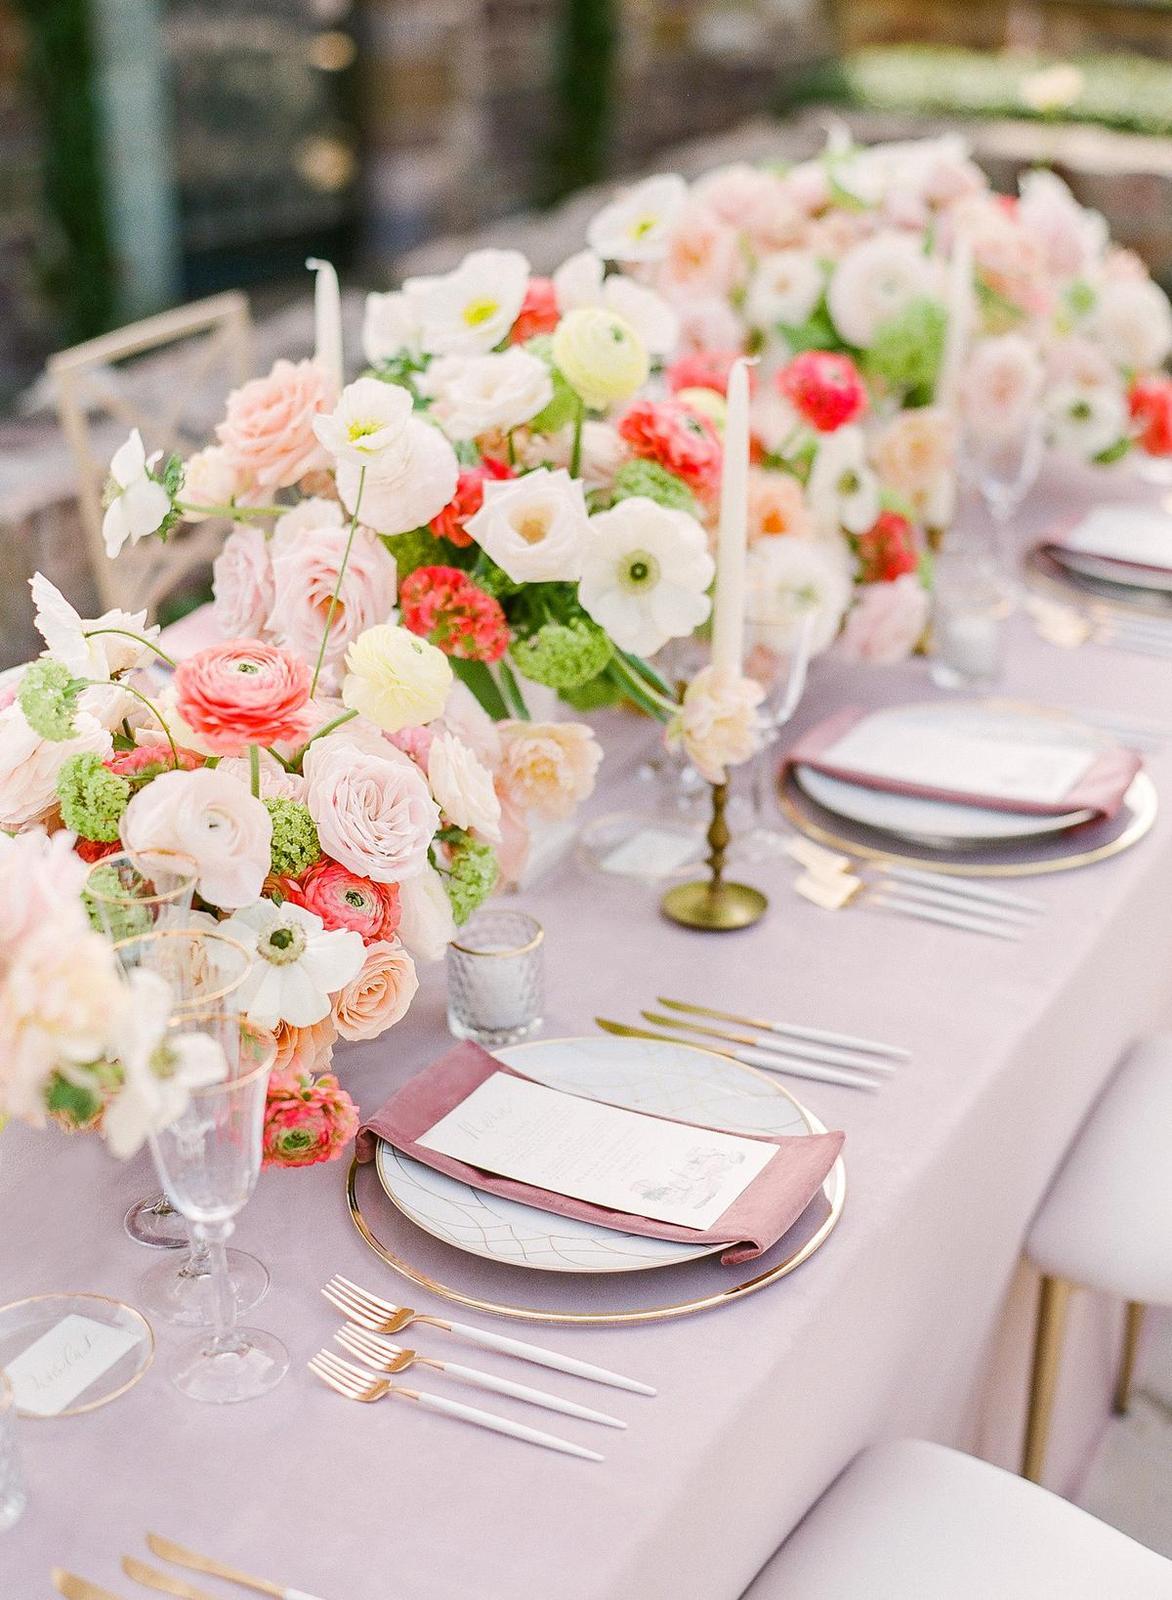 Inšpirácie na svadobné stolovovanie - Obrázok č. 13